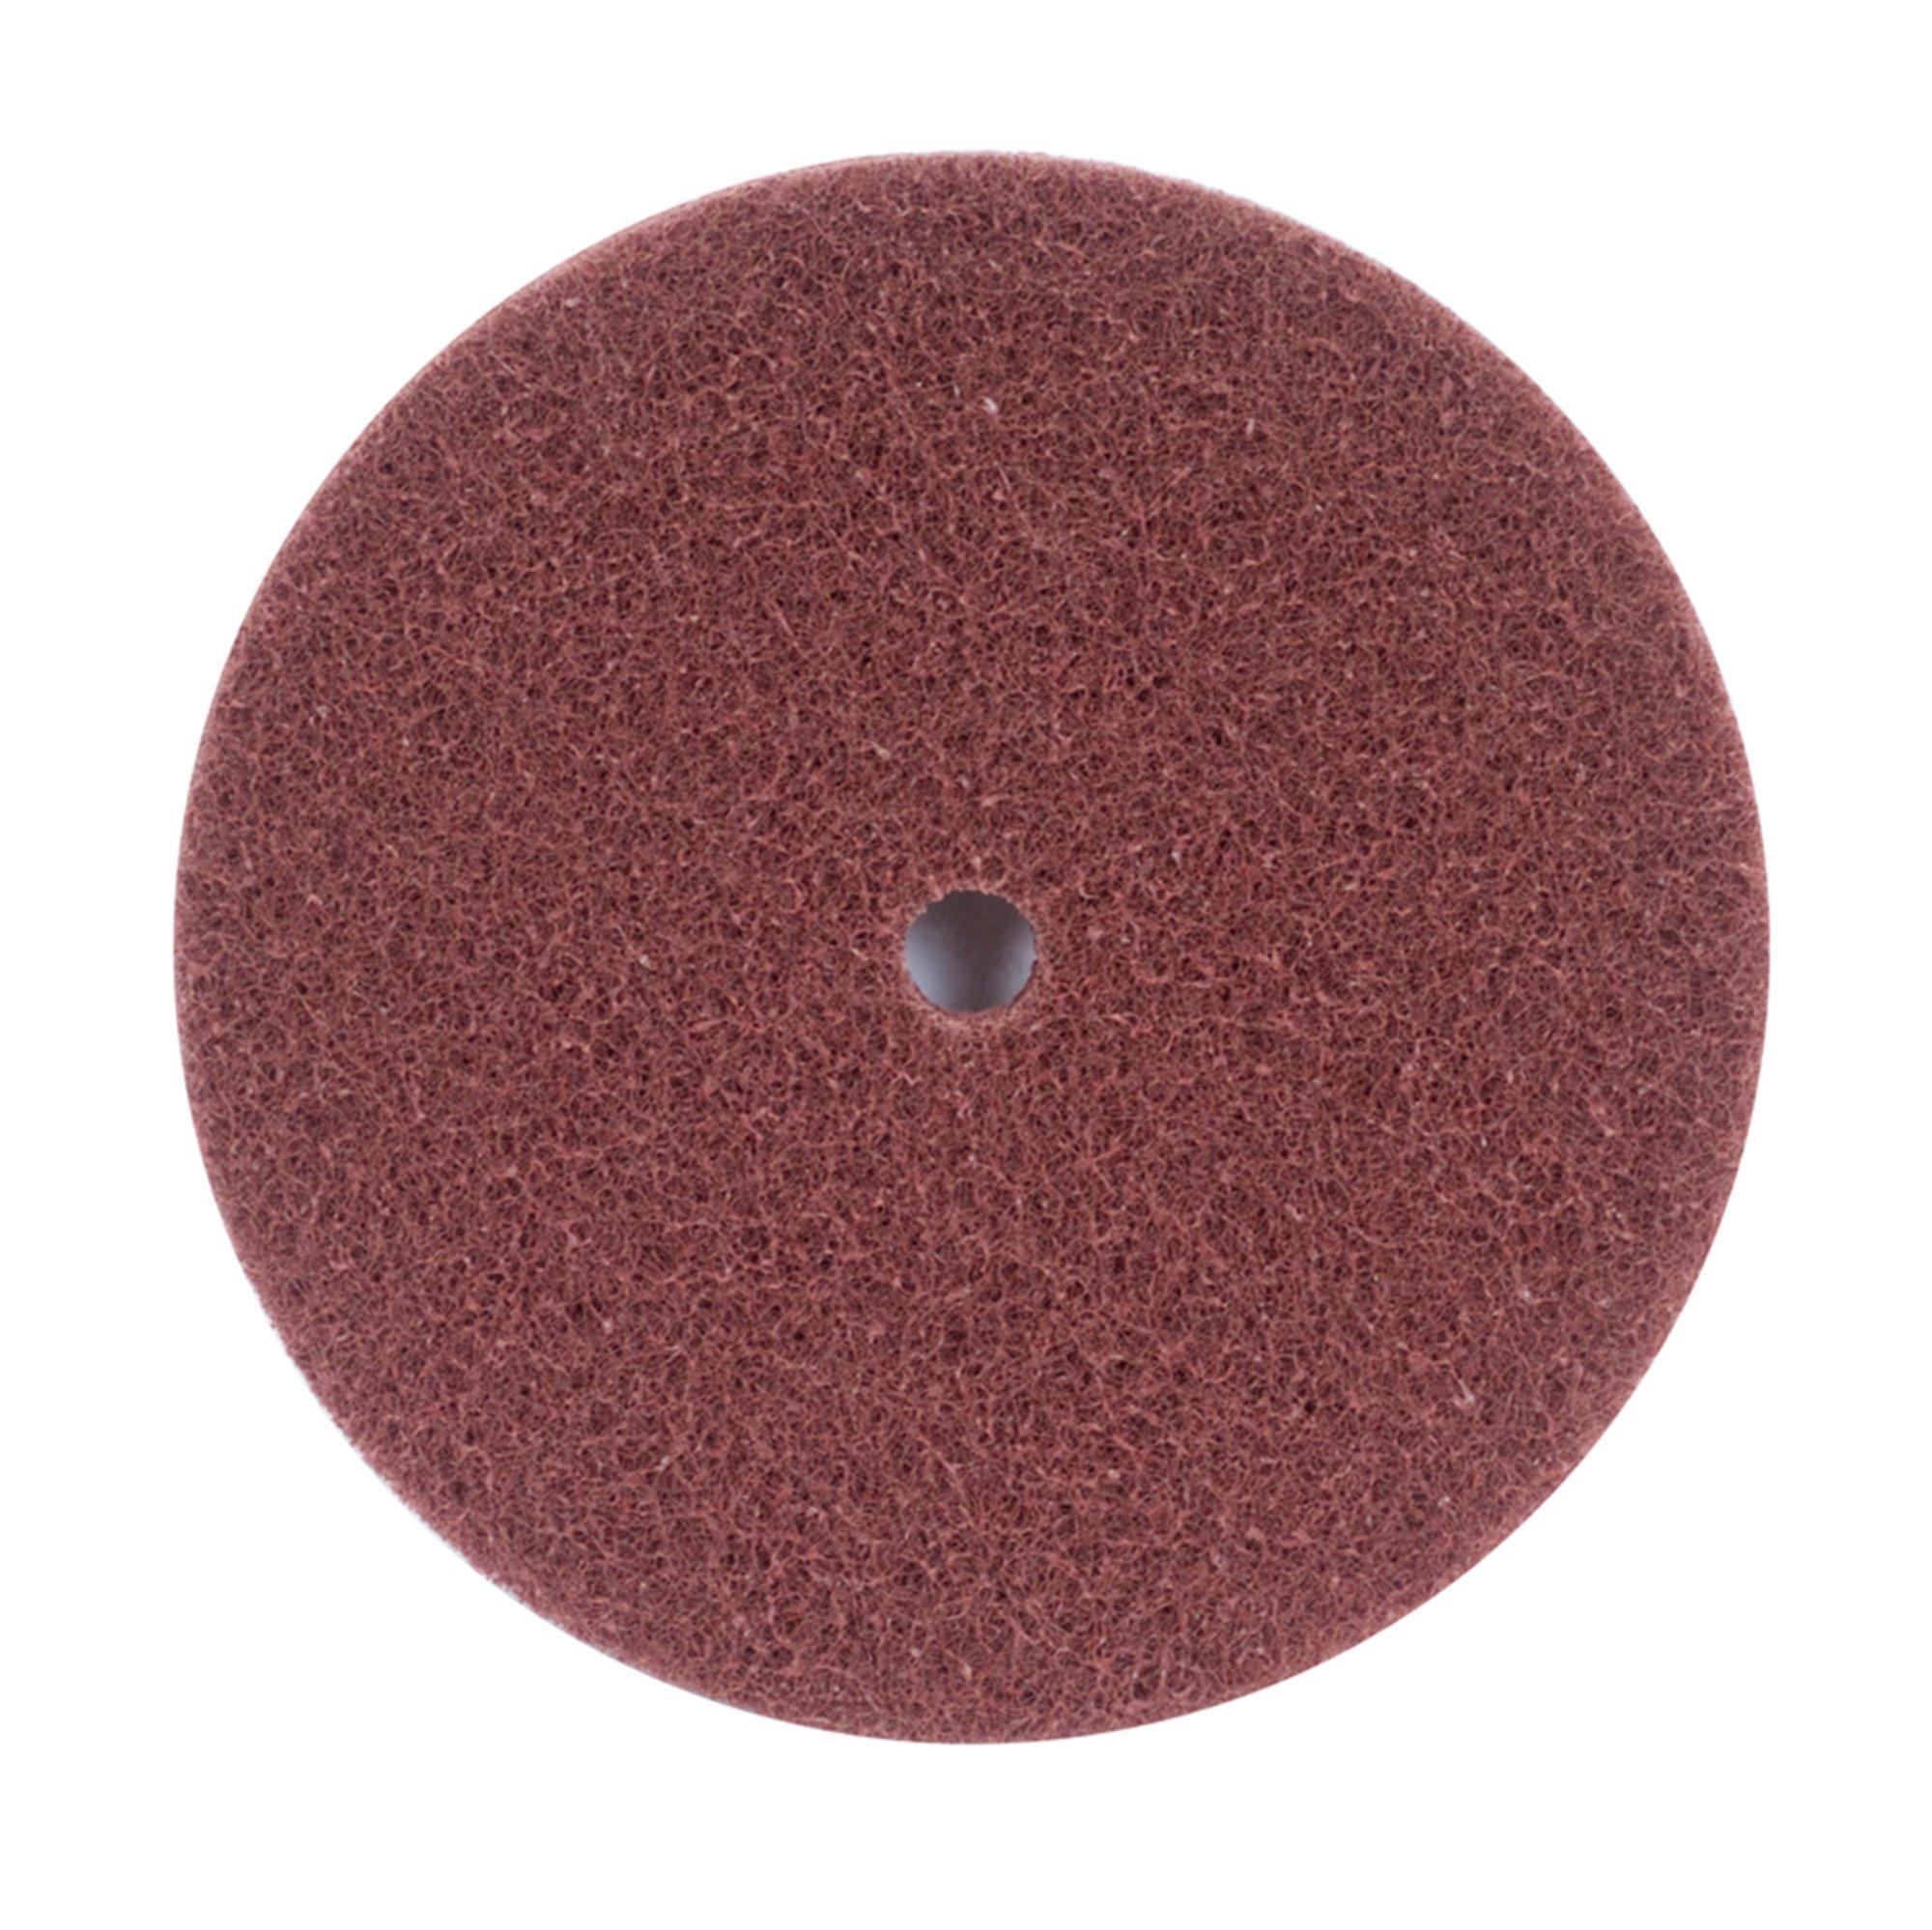 Merit High Strength Abrasotex Buffing Nonwoven Abrasive Disc, 1/2'' Arbor, Nylon Fiber, 8'' Diameter, V-Fine Grade (Case of 25)